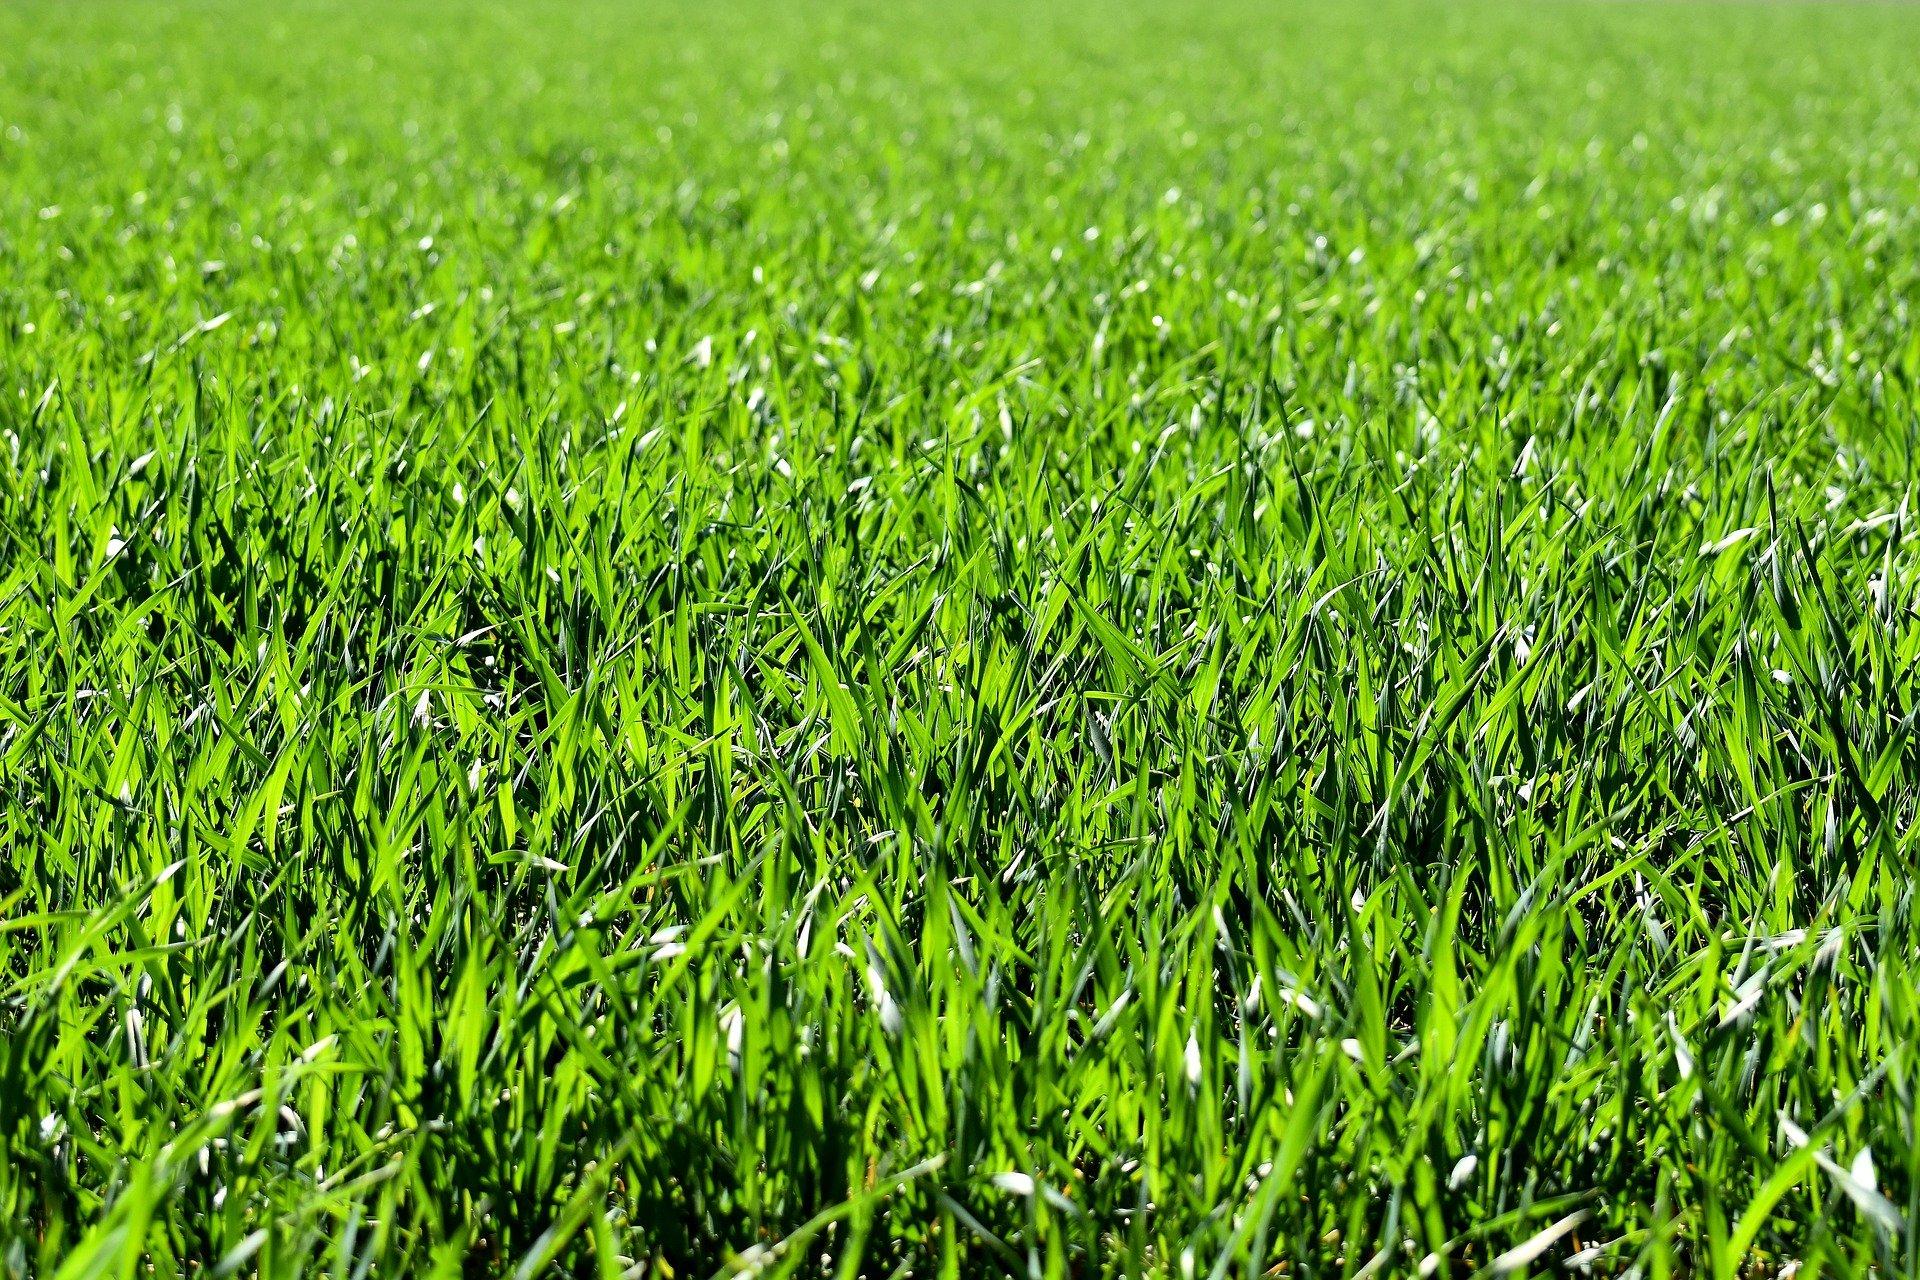 דשא סינטטי – מה ההבדלים בין סוגי הדשא?